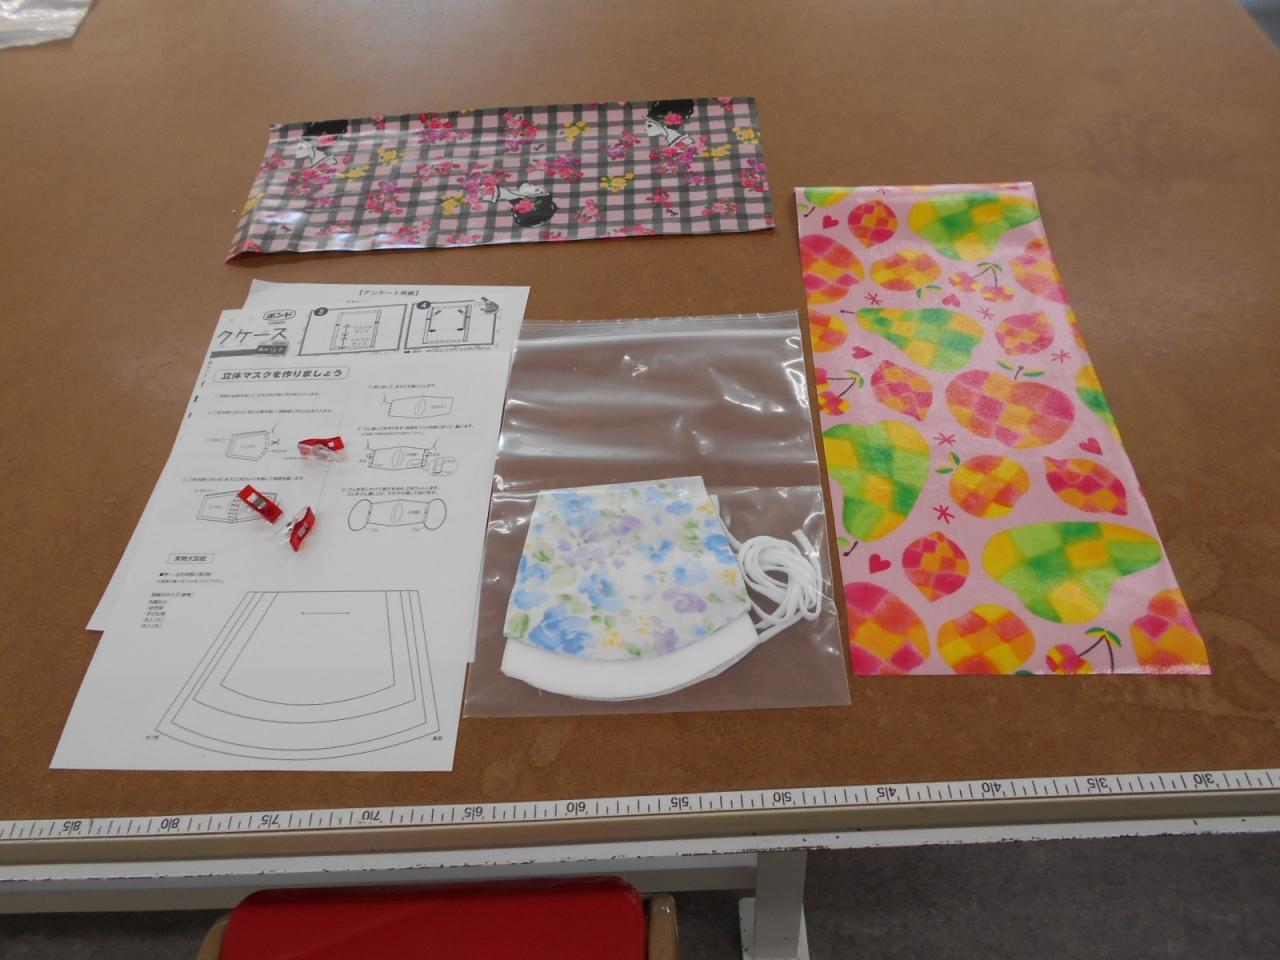 令和2年度生きがい就労センター女性部門縫製技能講習会を開催しました。